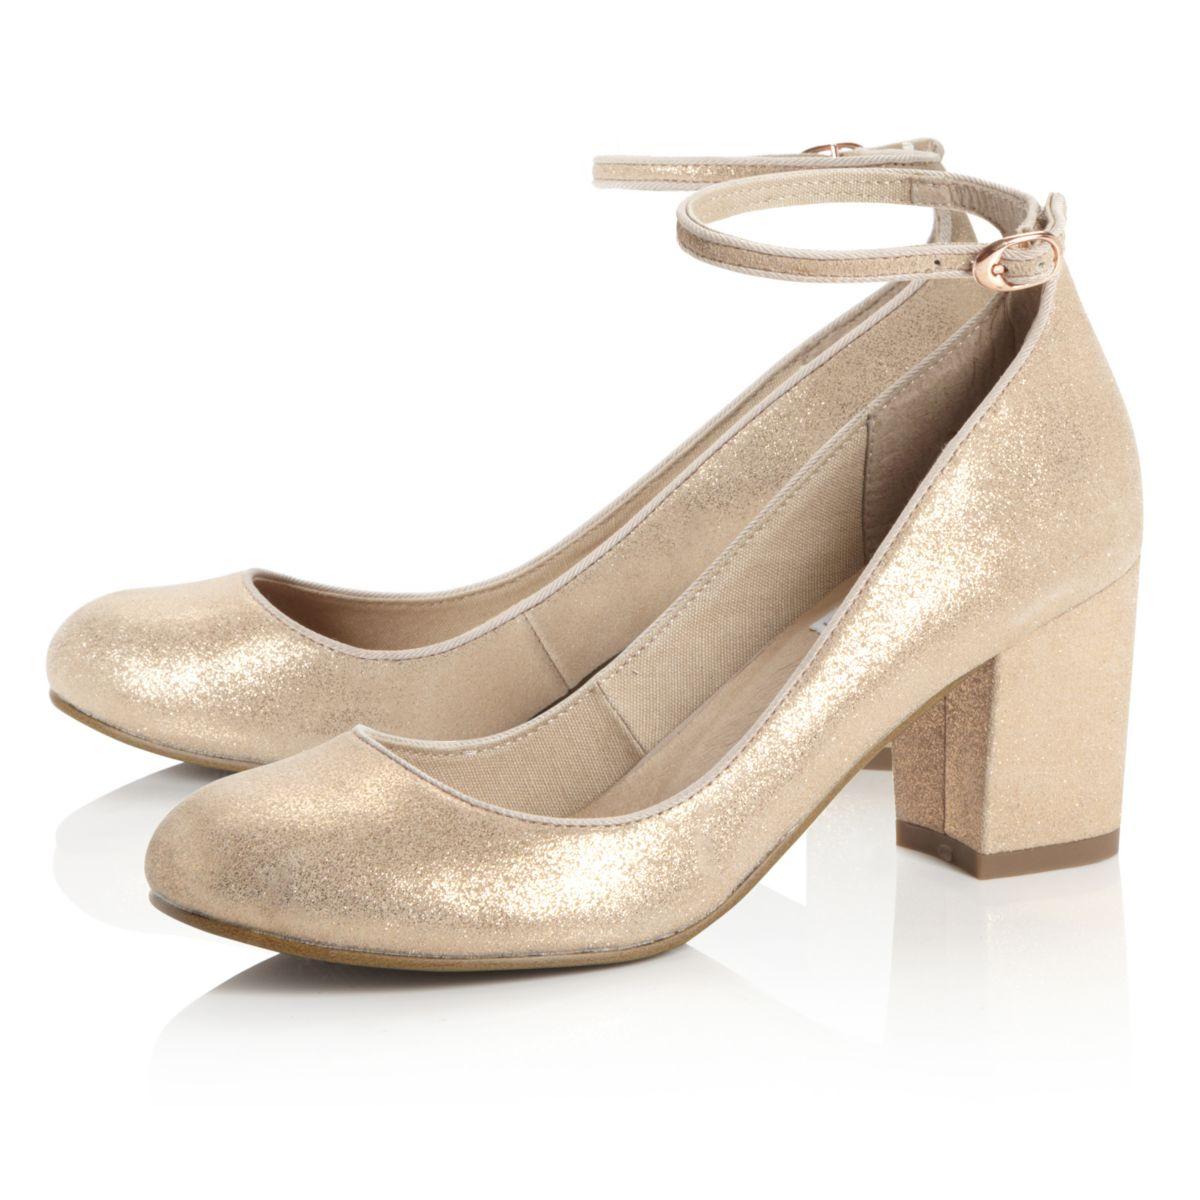 Gold Mid Heel Shoes | Fs Heel